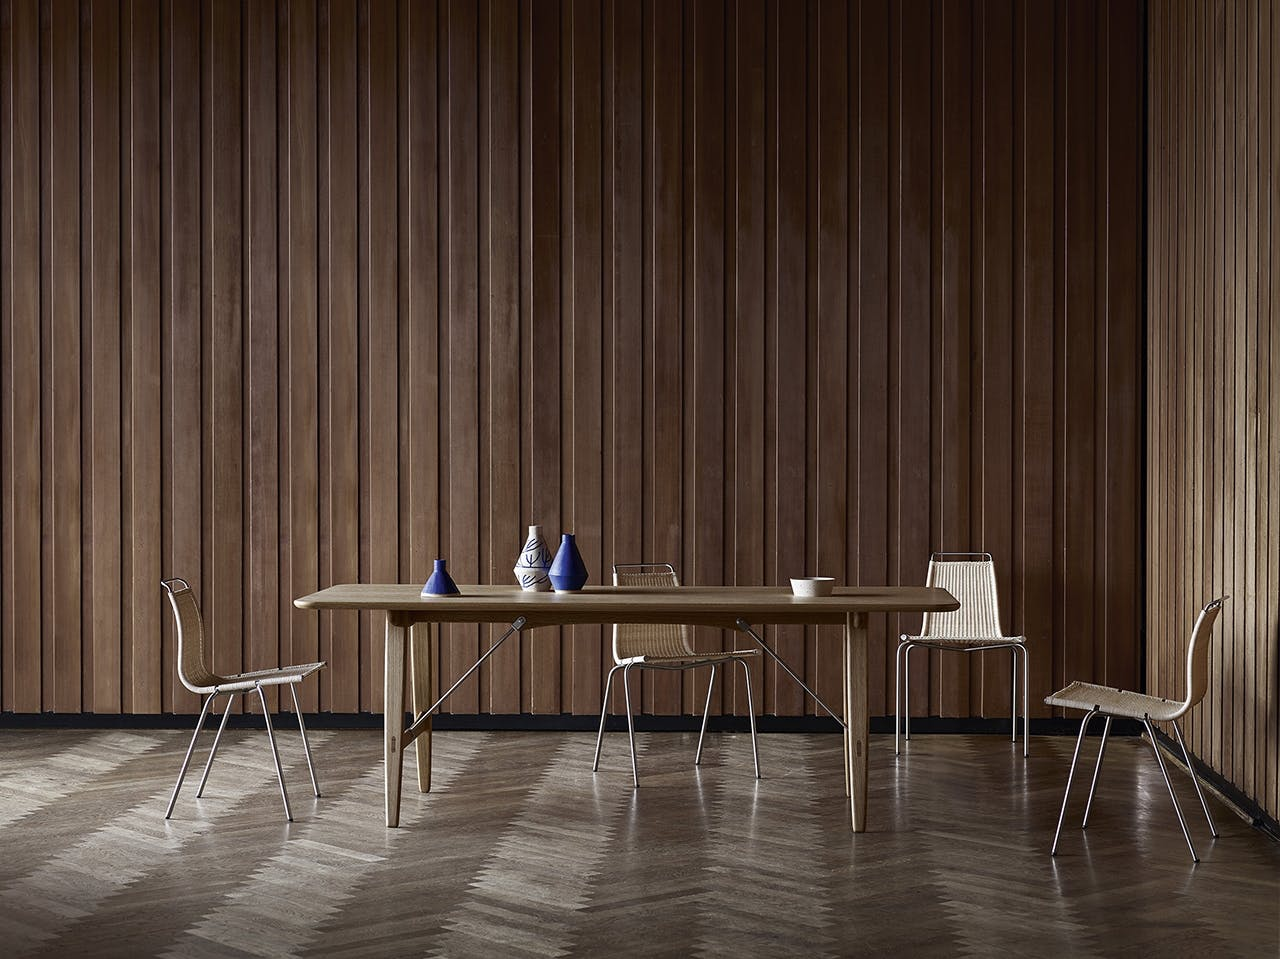 børge mogensen jagtbordet spisebord designklassiker dansk design ikonisk